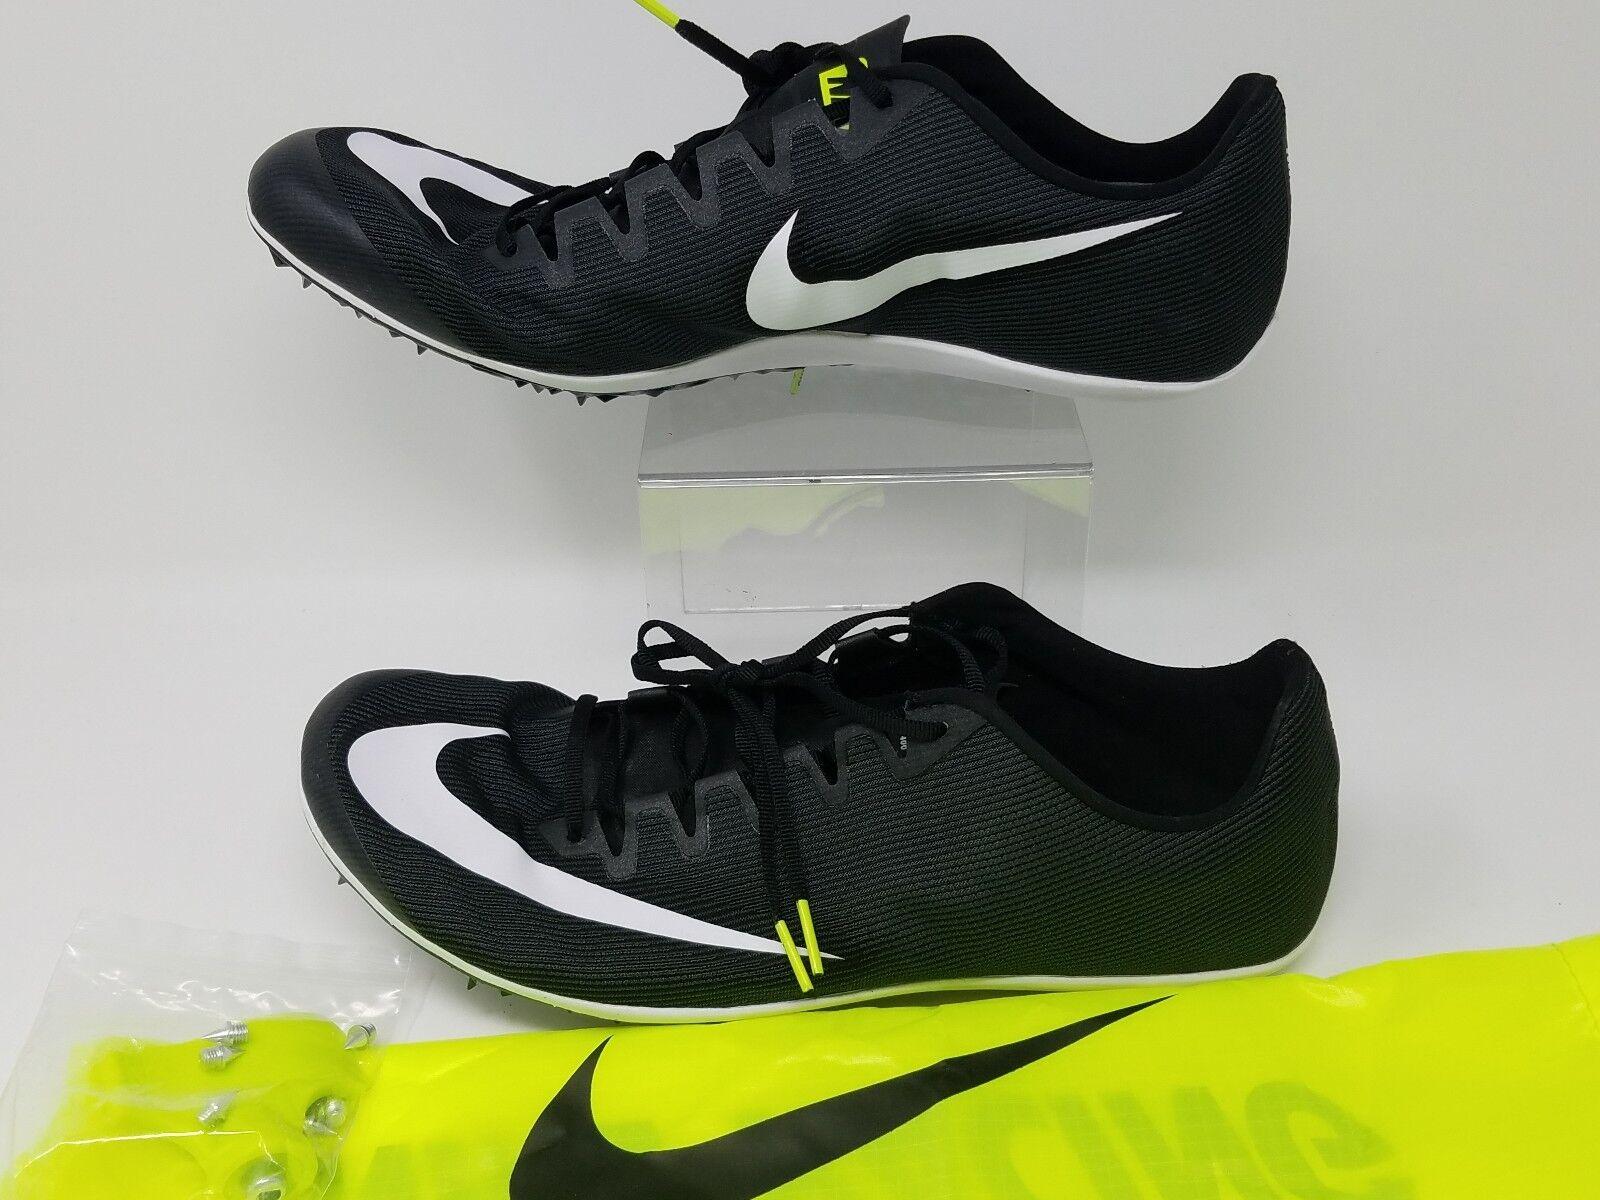 Nike zoom 400 schwarz leichtathletik spikes männer ist schwarz 400 - weiß - größe 12 aa1205-001 073885